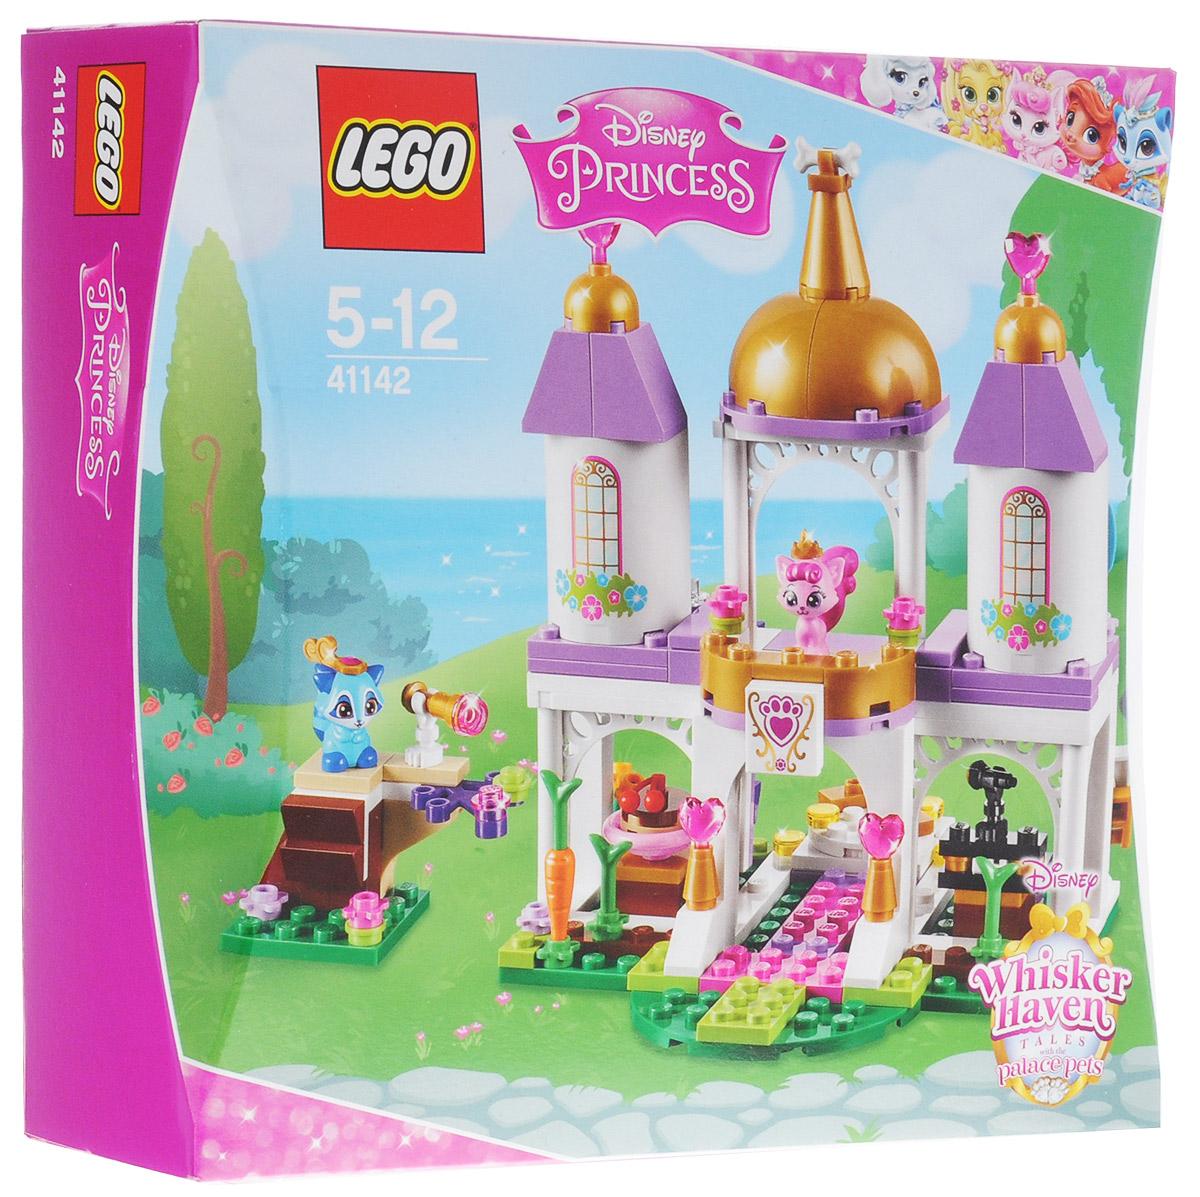 LEGO Disney Princesses Конструктор Королевские питомцы Замок 4114241142Котенок принцессы Авроры Милашка и енотик Покахонтас Василек пригласили всех друзей на бал в королевском замке домашних питомцев. Вскарабкайтесь на наблюдательную башню - гостей еще не видно? Сыграйте всем на фортепиано, а затем устройте танцы на вращающемся полу. После вечеринки для каждого королевского питомца найдется место во дворце. Набор включает в себя 186 разноцветных пластиковых элементов. Конструктор - это один из самых увлекательных и веселых способов времяпрепровождения. Ребенок сможет часами играть с конструктором, придумывая различные ситуации и истории.